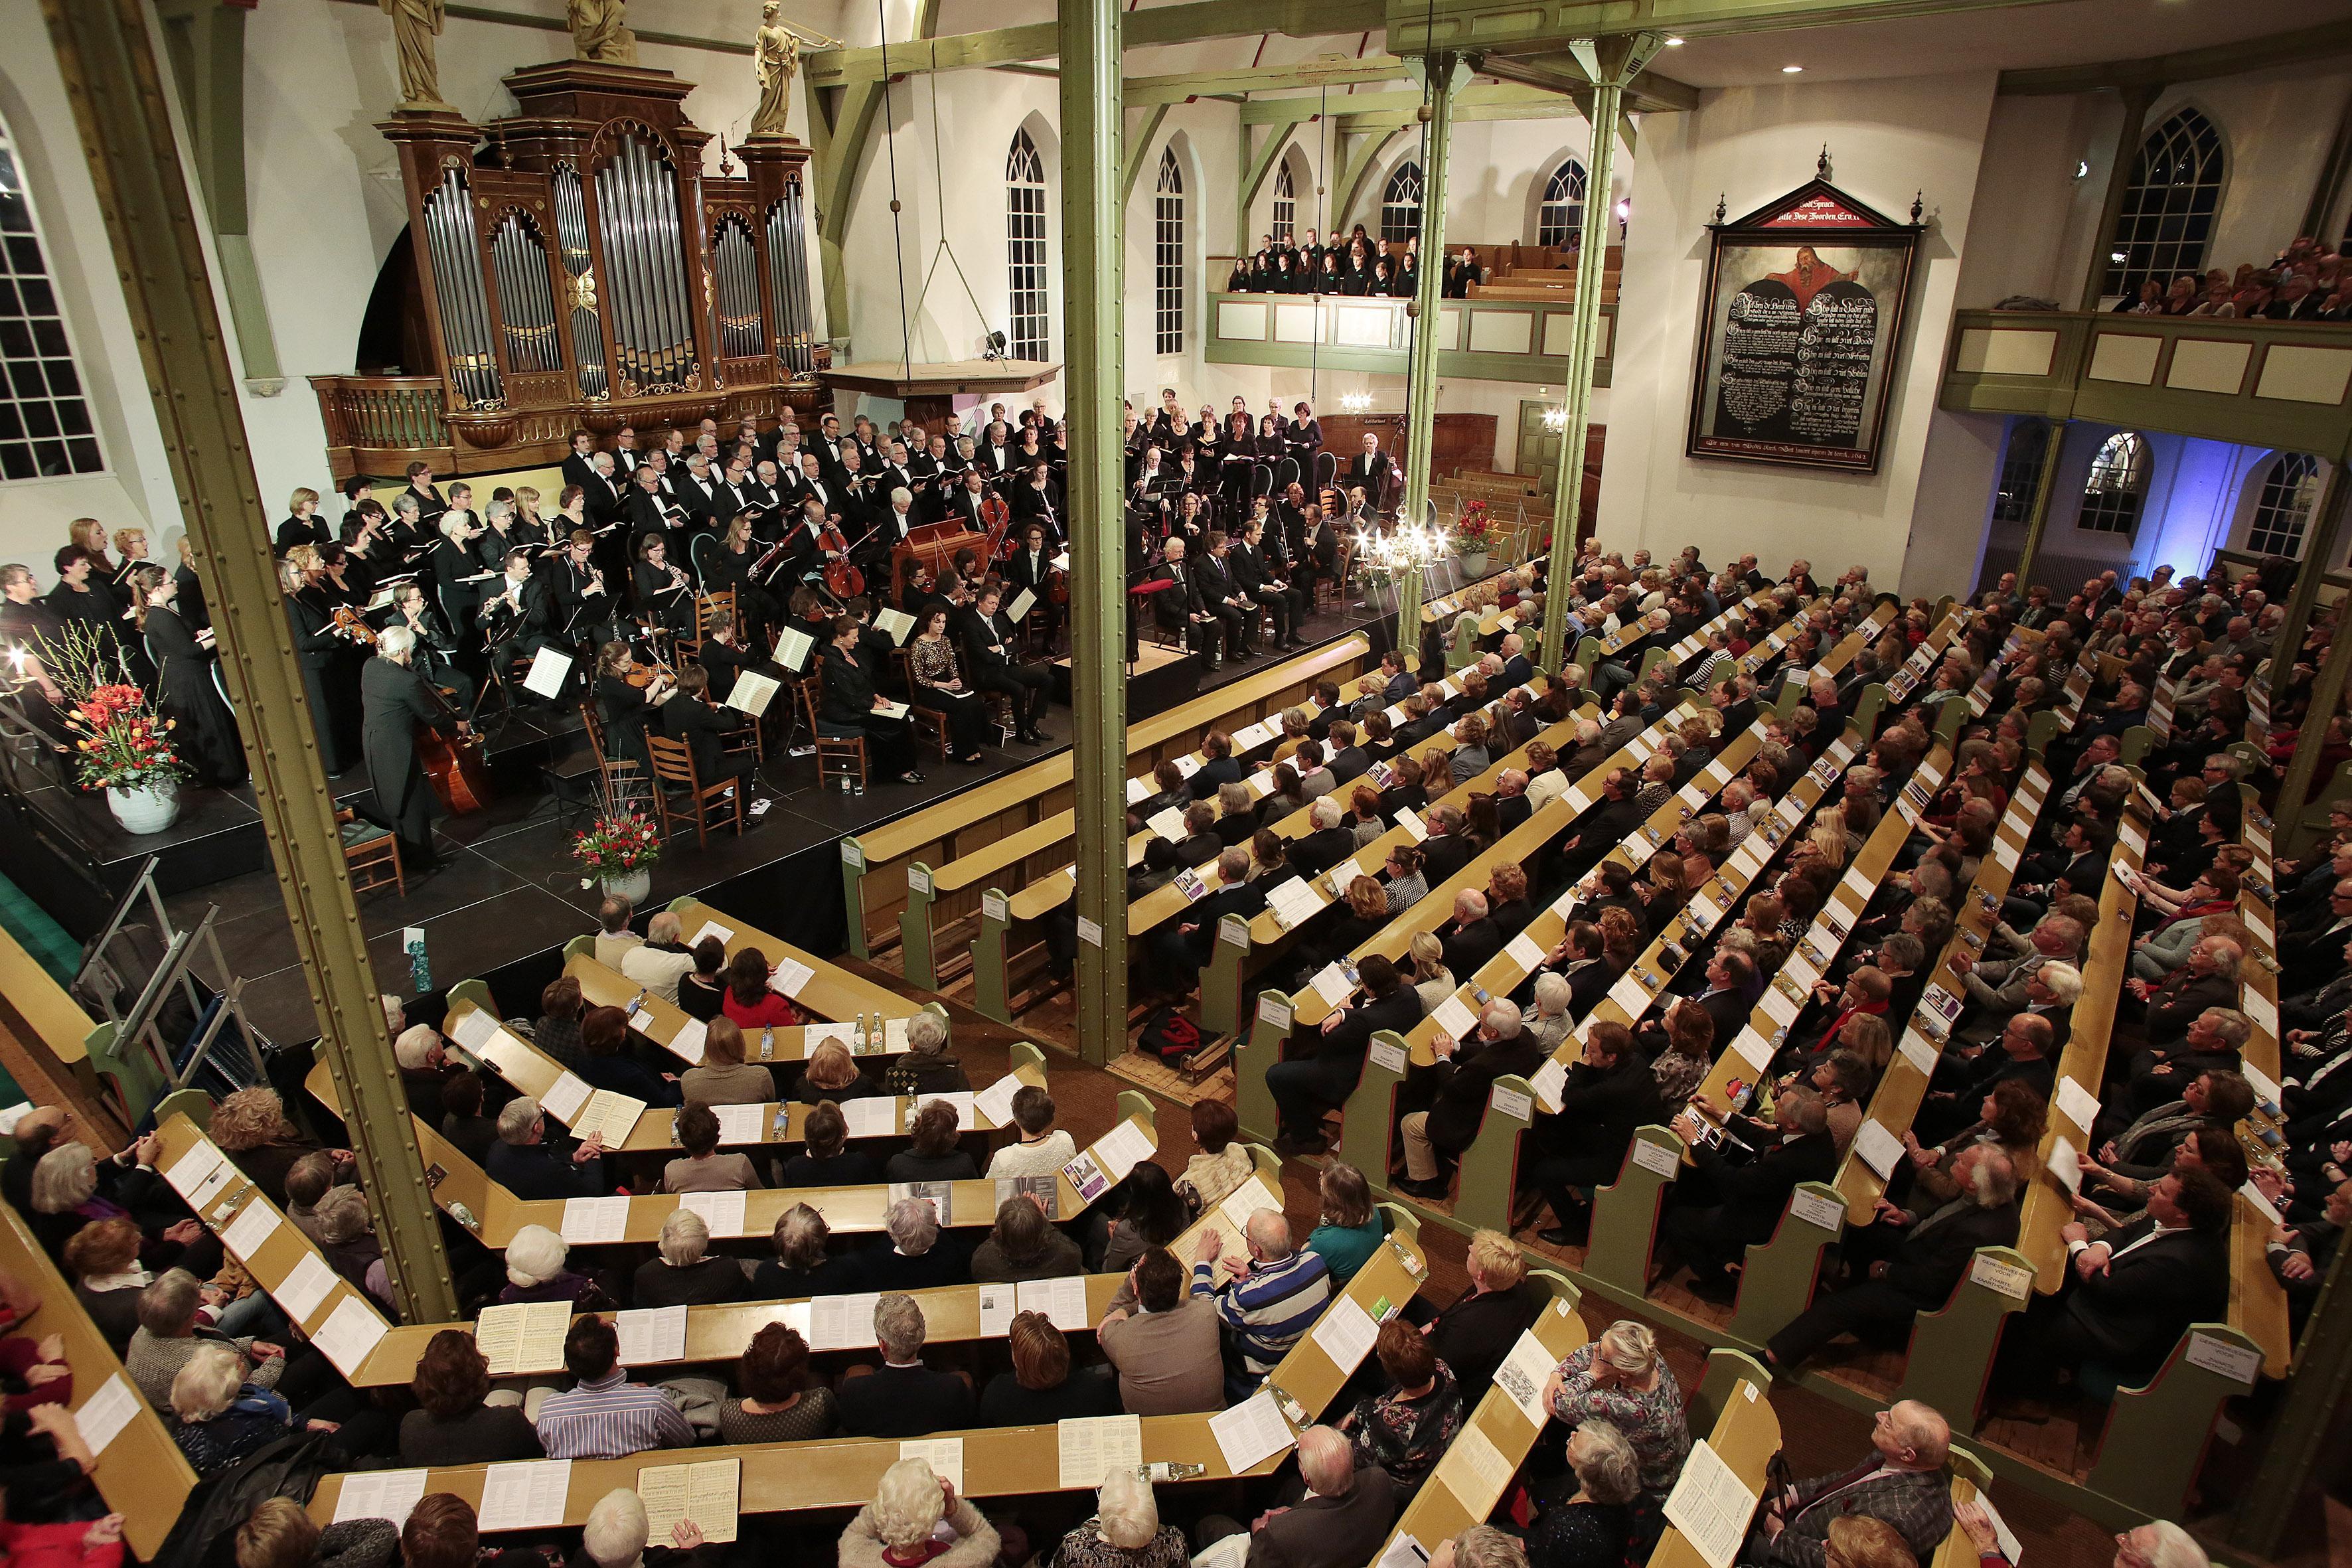 Matthaus Passion in Oude Kerk Huizen pas weer in 2022, kaartjes van 2020 blijven geldig